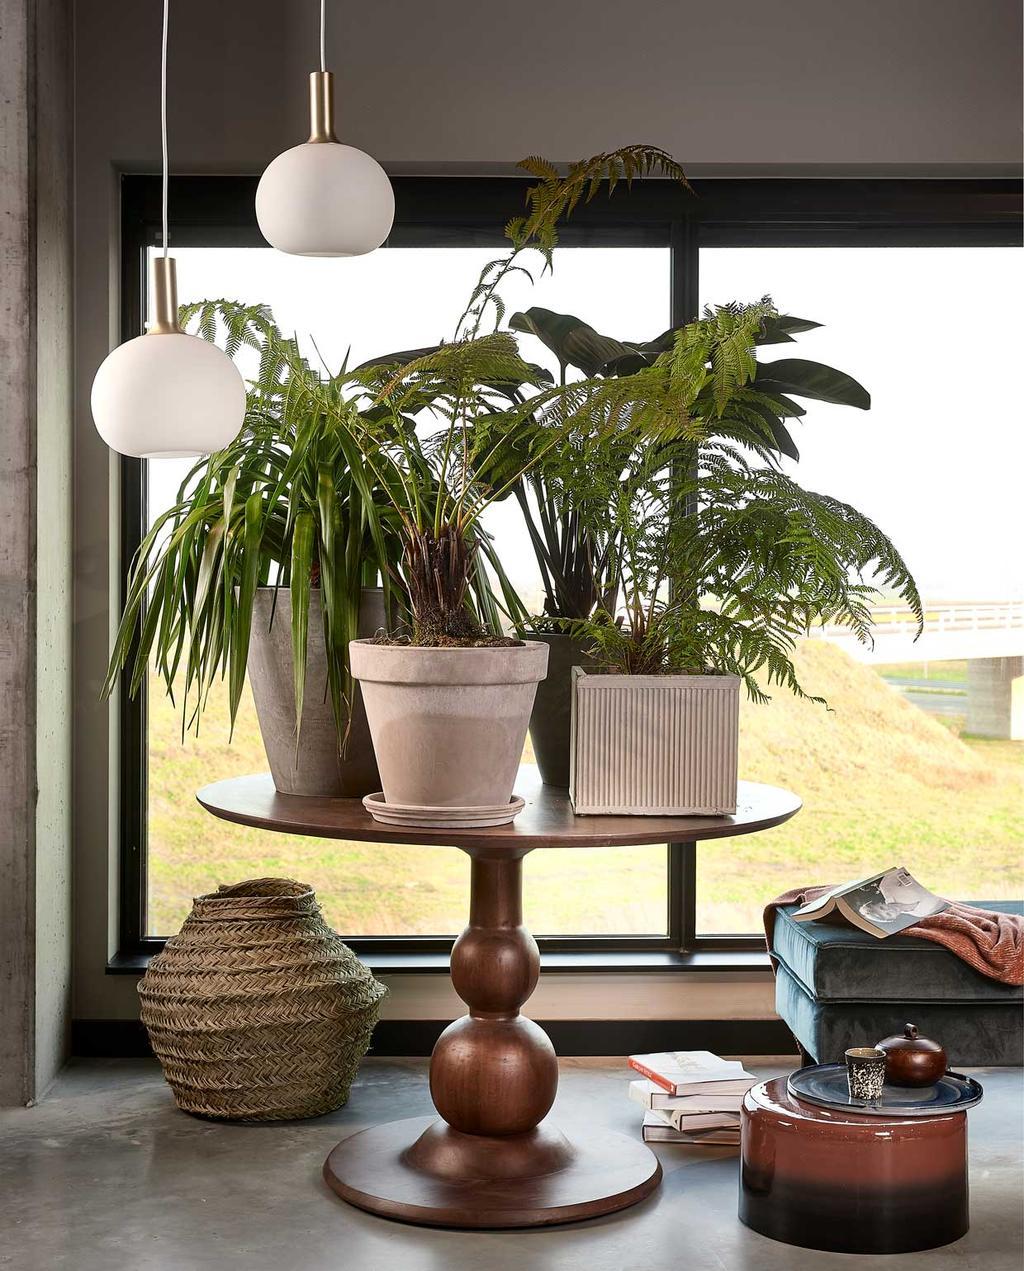 plantentafels | groen in huis | ronde eettafel | kamerplant